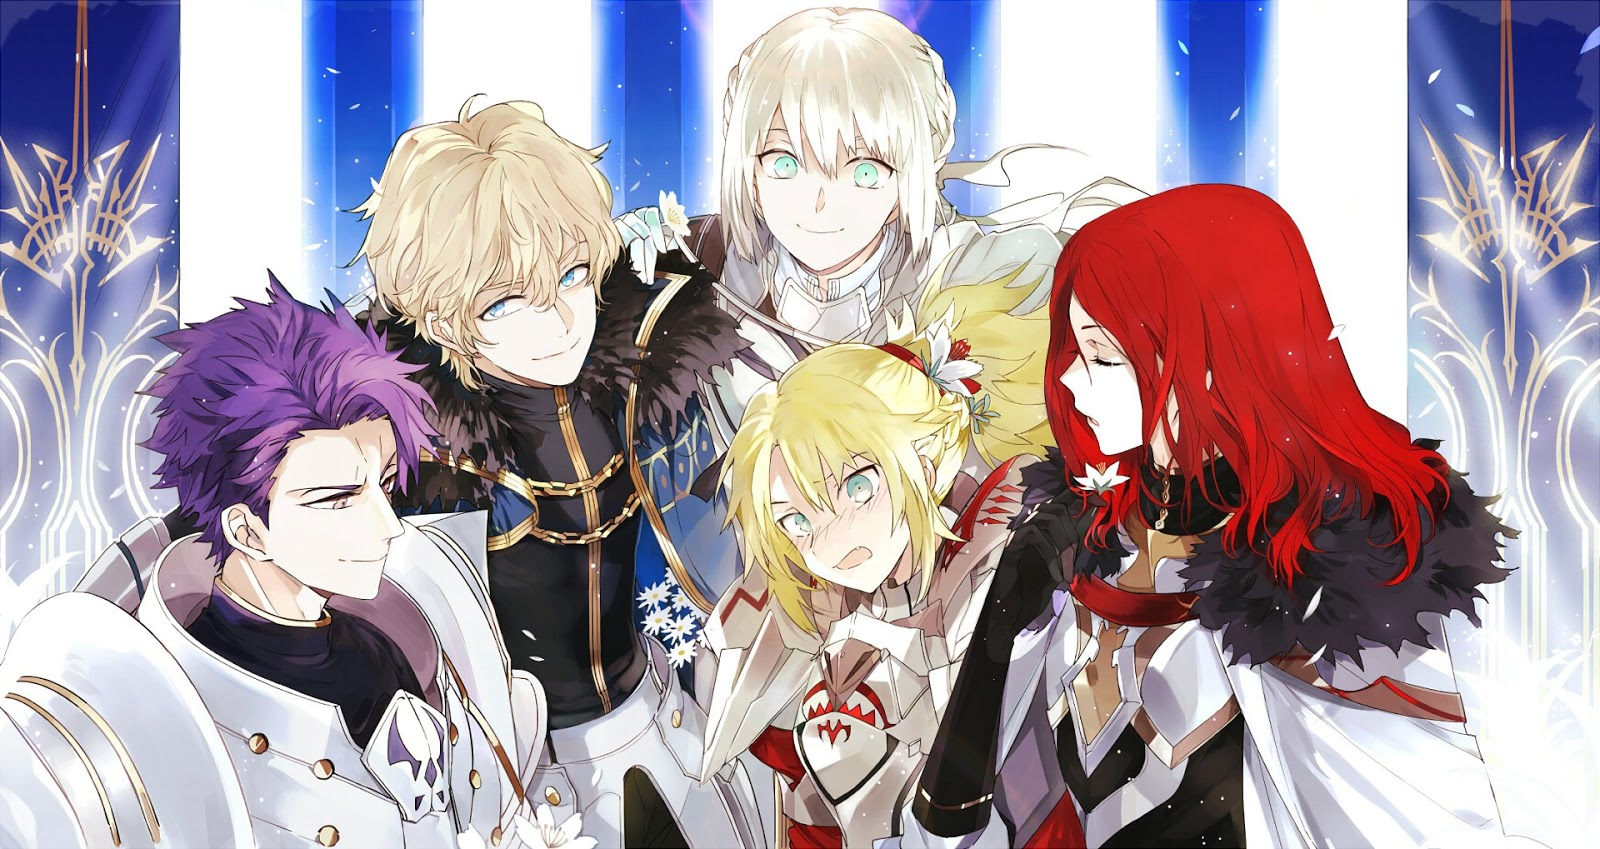 Fate AowVN%2B%252896%2529 - [ Hình Nền ] Anime Fate/GrandOrder tuyệt đẹp Full HD | Wallpaper